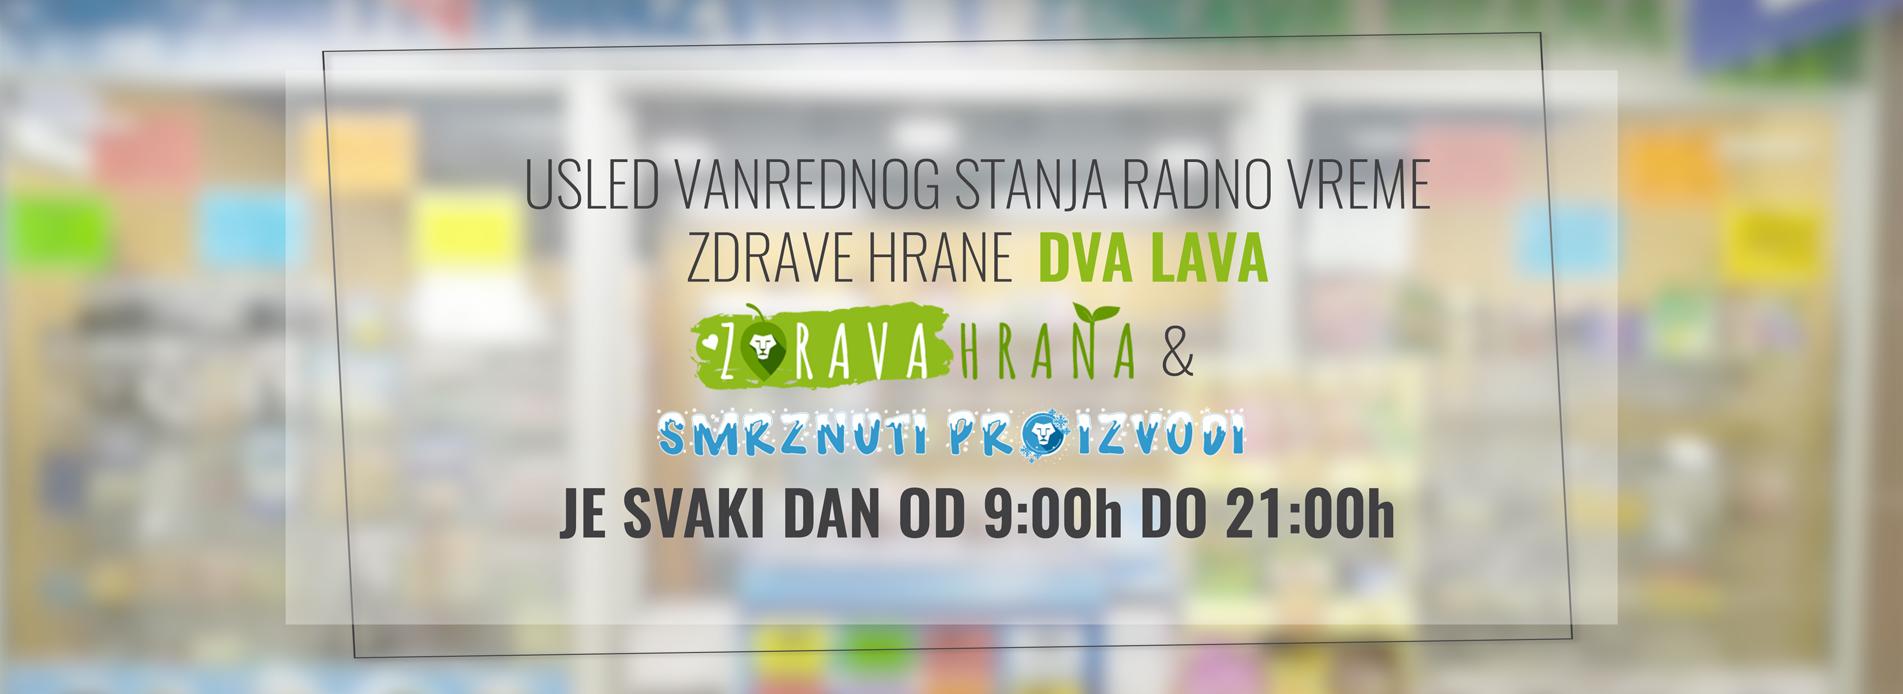 covid2019-radno-vreme-2lava-21h